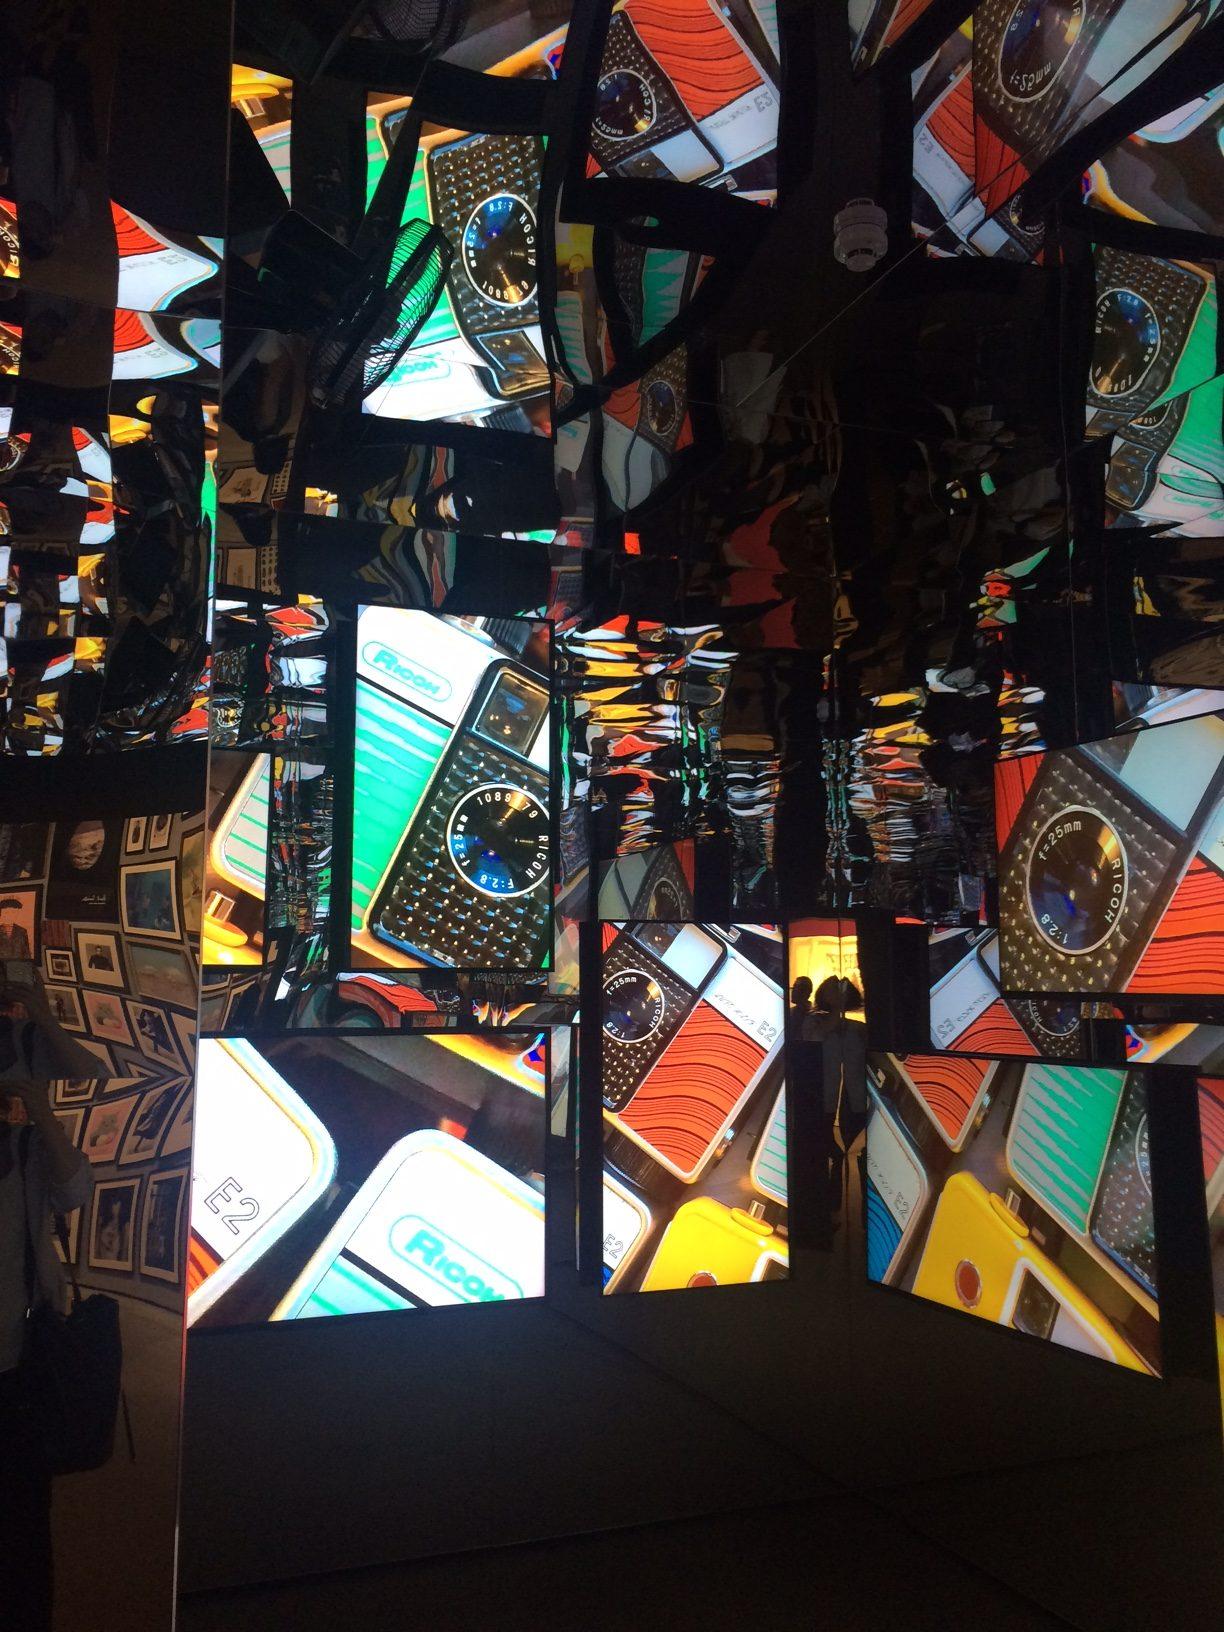 カラフルな作品と展示に心躍る!「ポール・スミス展」 in 名古屋体験レポート - IMG 7930 e1475158384421